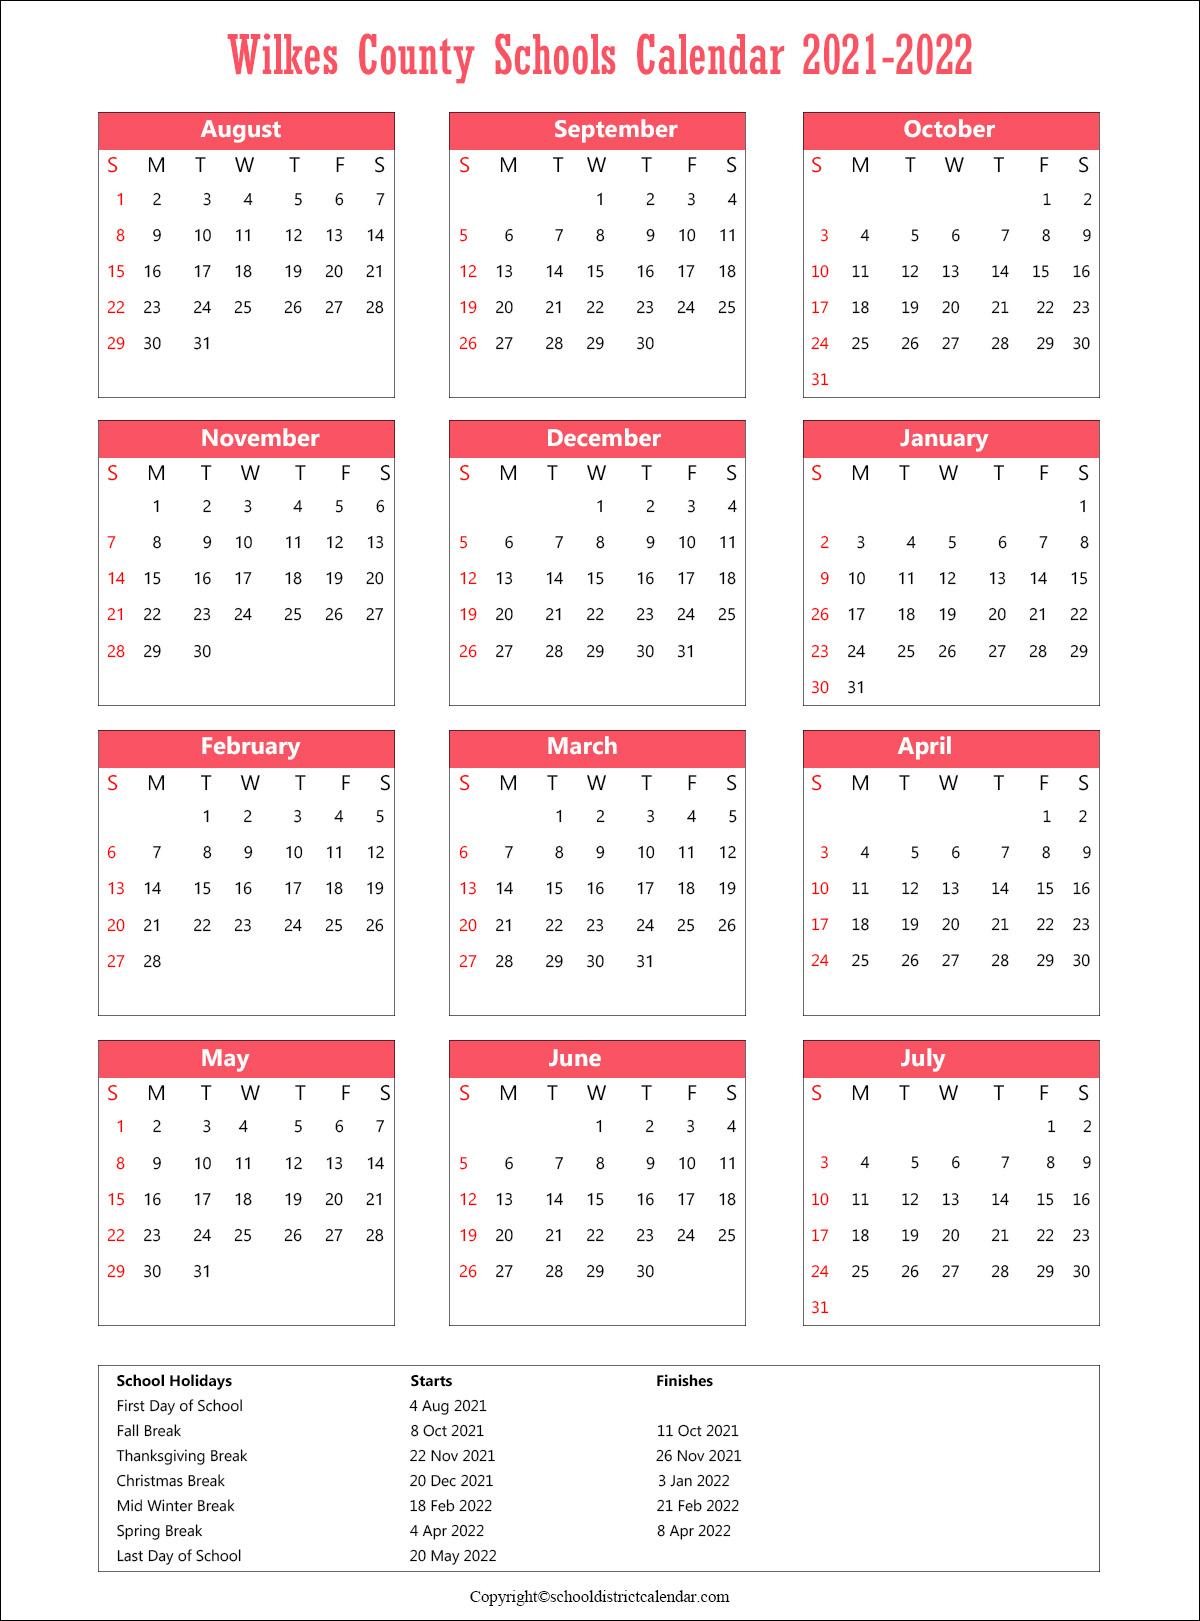 Wilkes County Schools Calendar, North CarolinaHolidays 2021